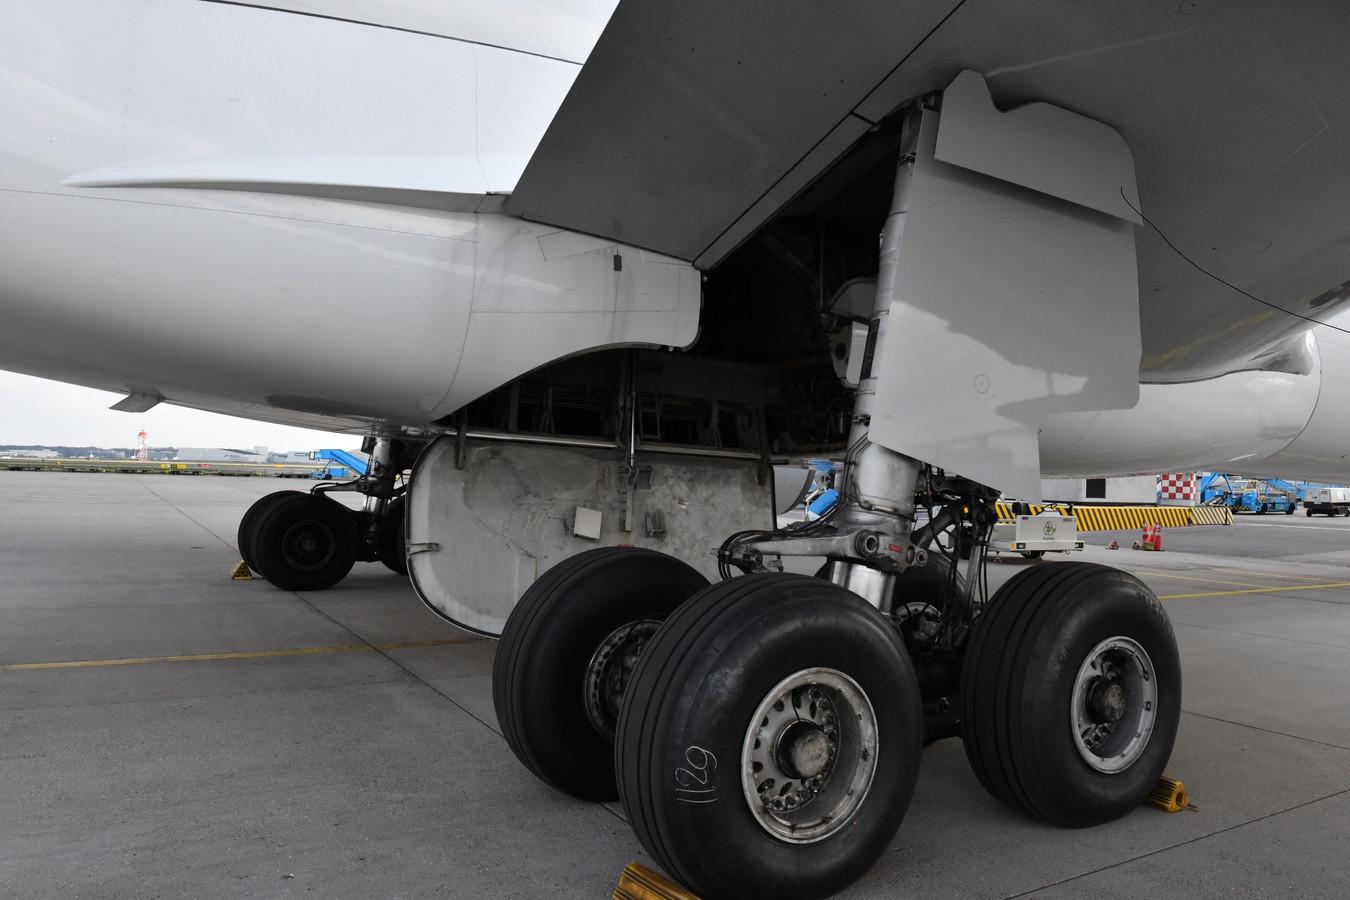 Het is nog niets eens zo heel lastig om in de wielkast van een vliegtuig te komen. Je springt op een wiel, klimt aan de wielstang omhoog en trekt jezelf de wielkast in.